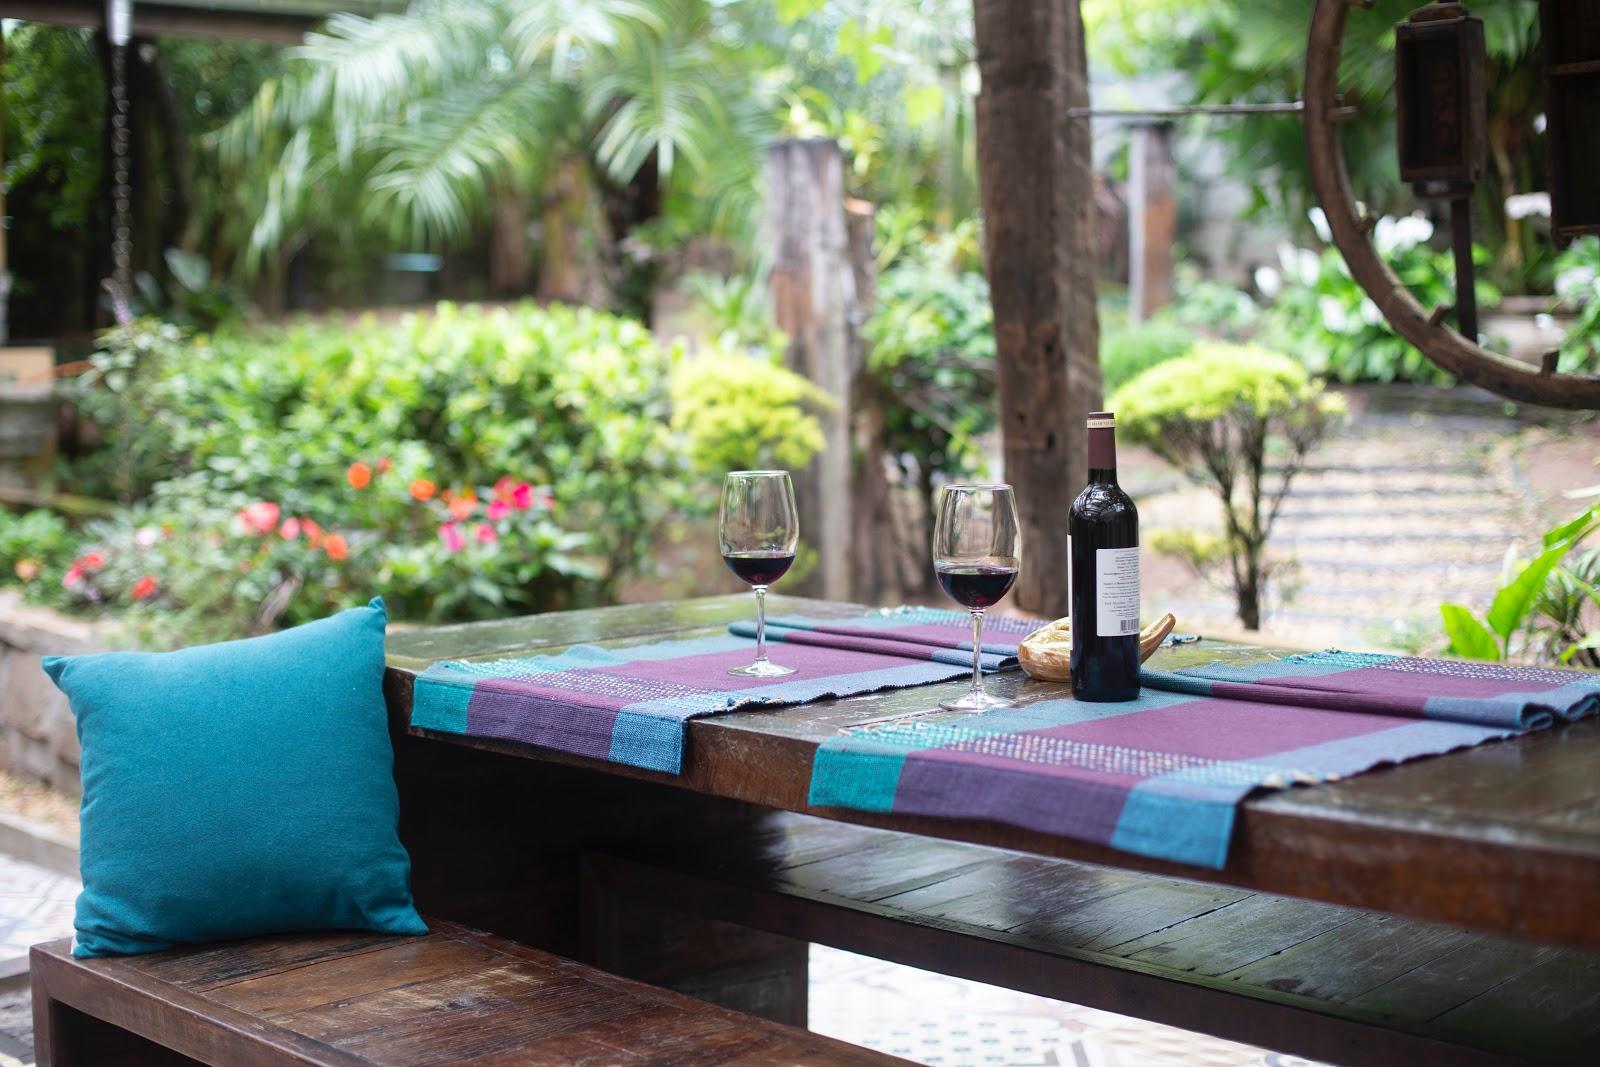 Picnic table outside.